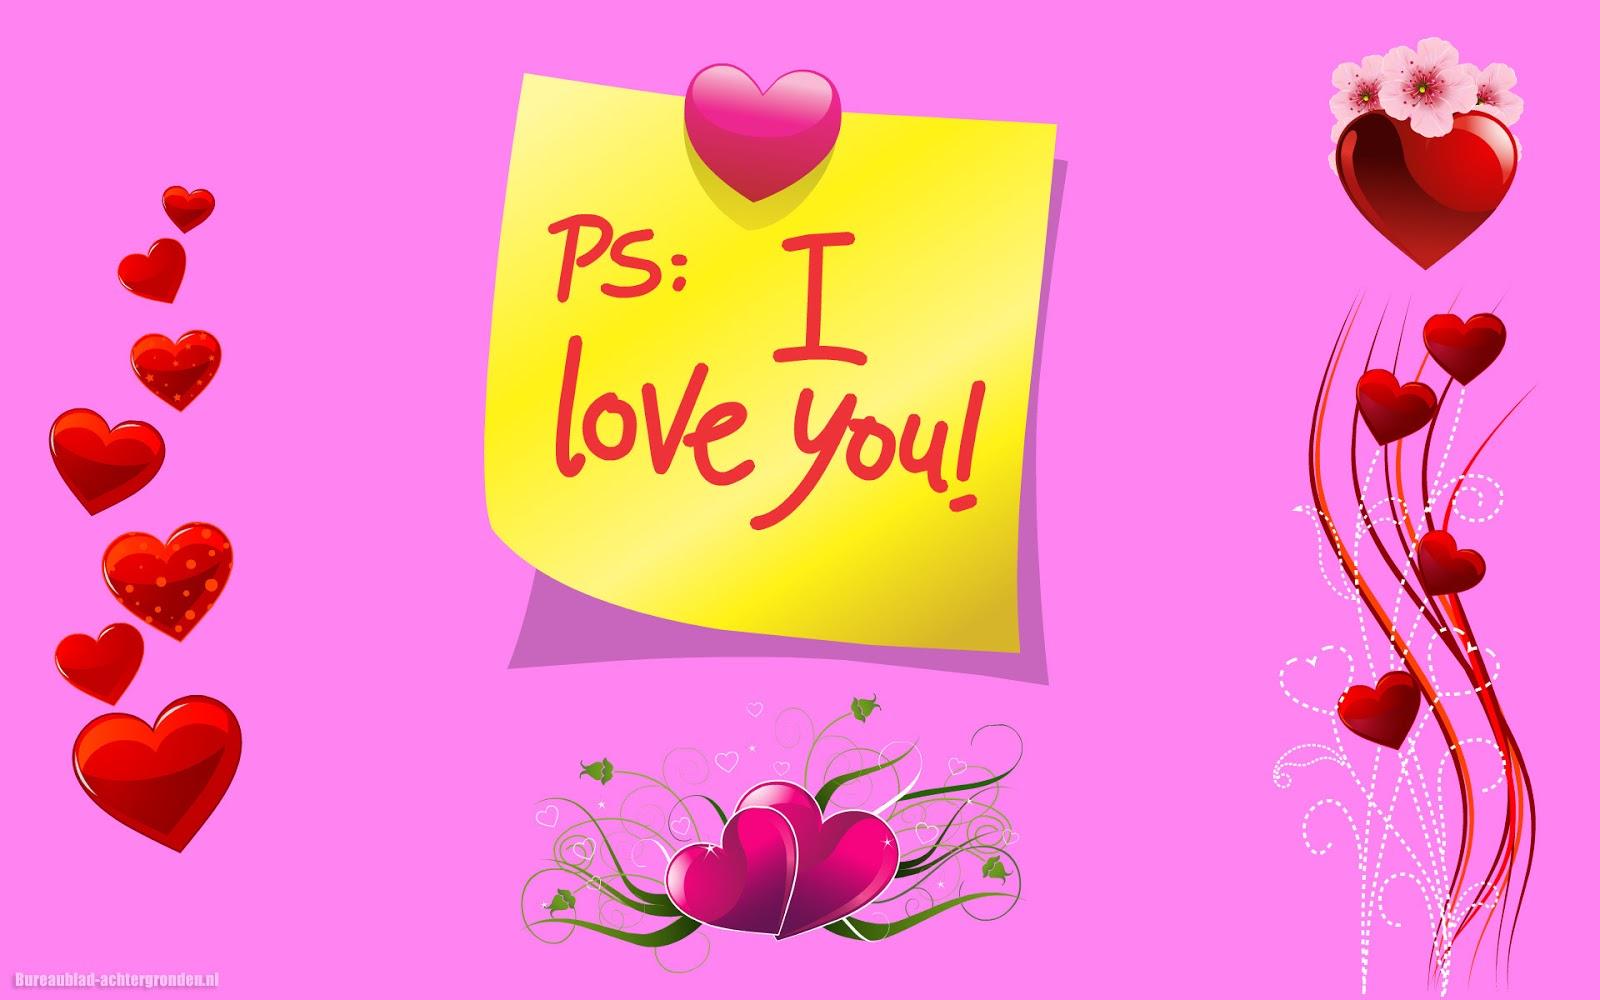 Roze liefdes wallpaper met hartjes en tekst i love you mooie roze liefdes wallpaper met hartjes en tekst i love you voltagebd Images